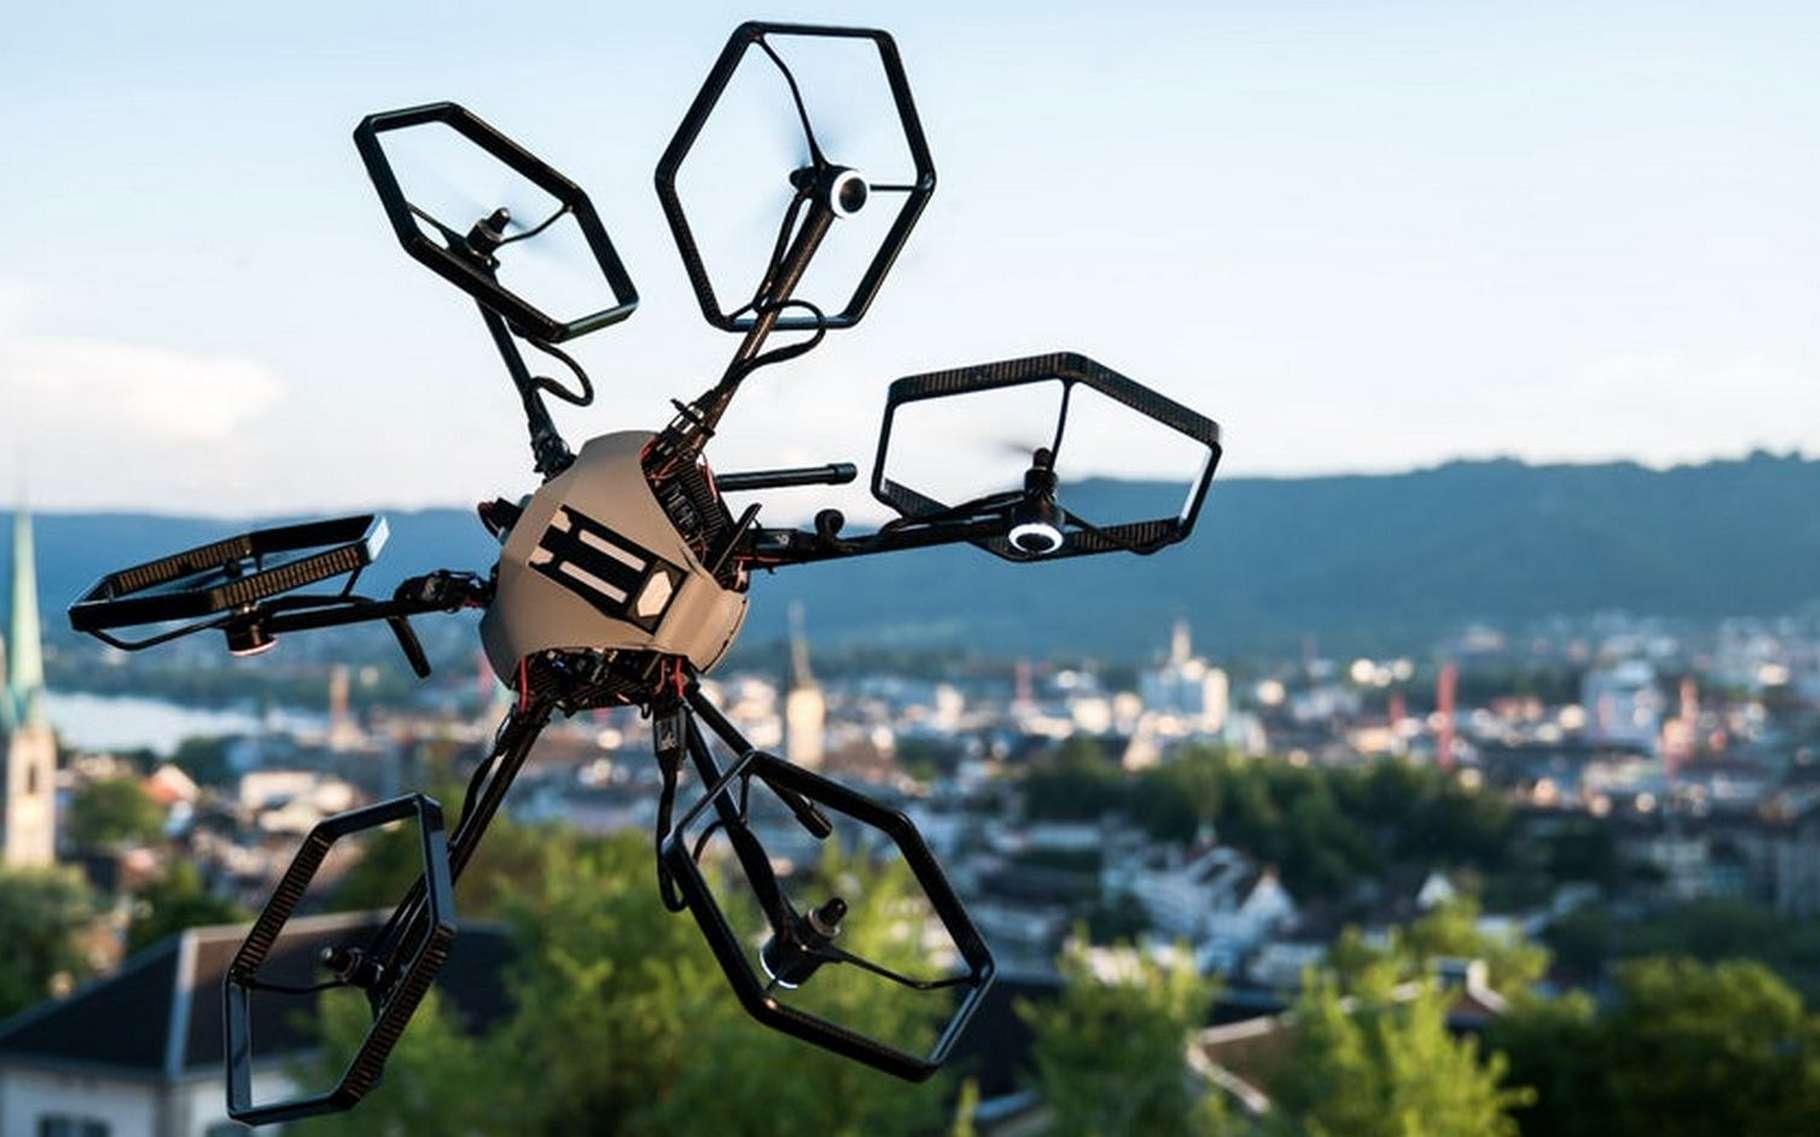 Le drone à rotors pivotants Voliro de l'ETH Zurich permet de réaliser des figures inédites. © ETH Zurich